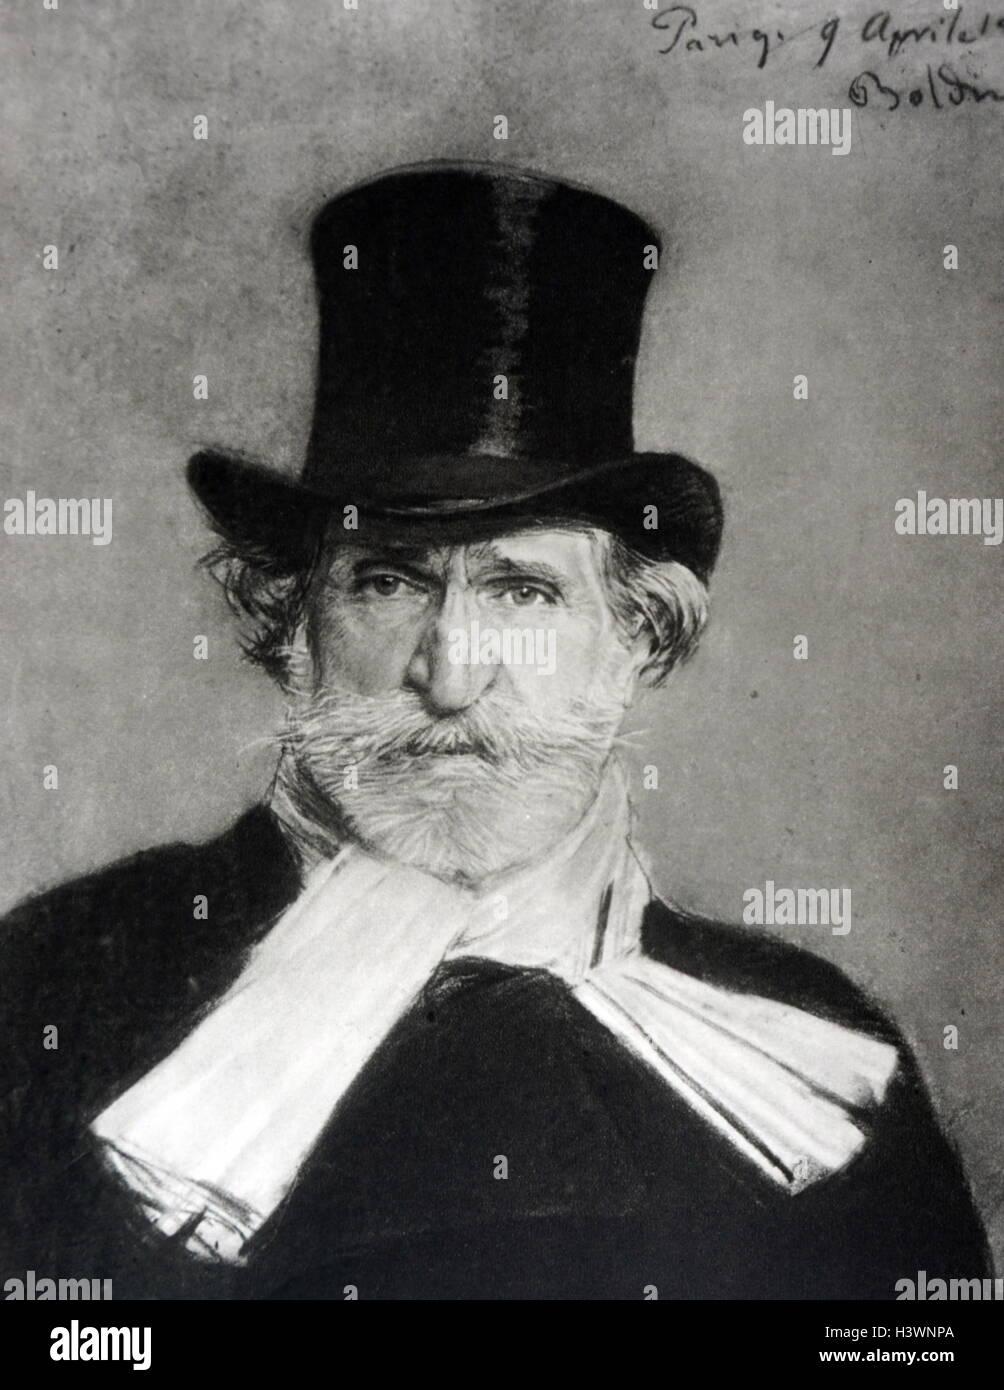 Portrait of Ritratto di Giuseppe Verdi by Giovanni Boldini - Stock Image